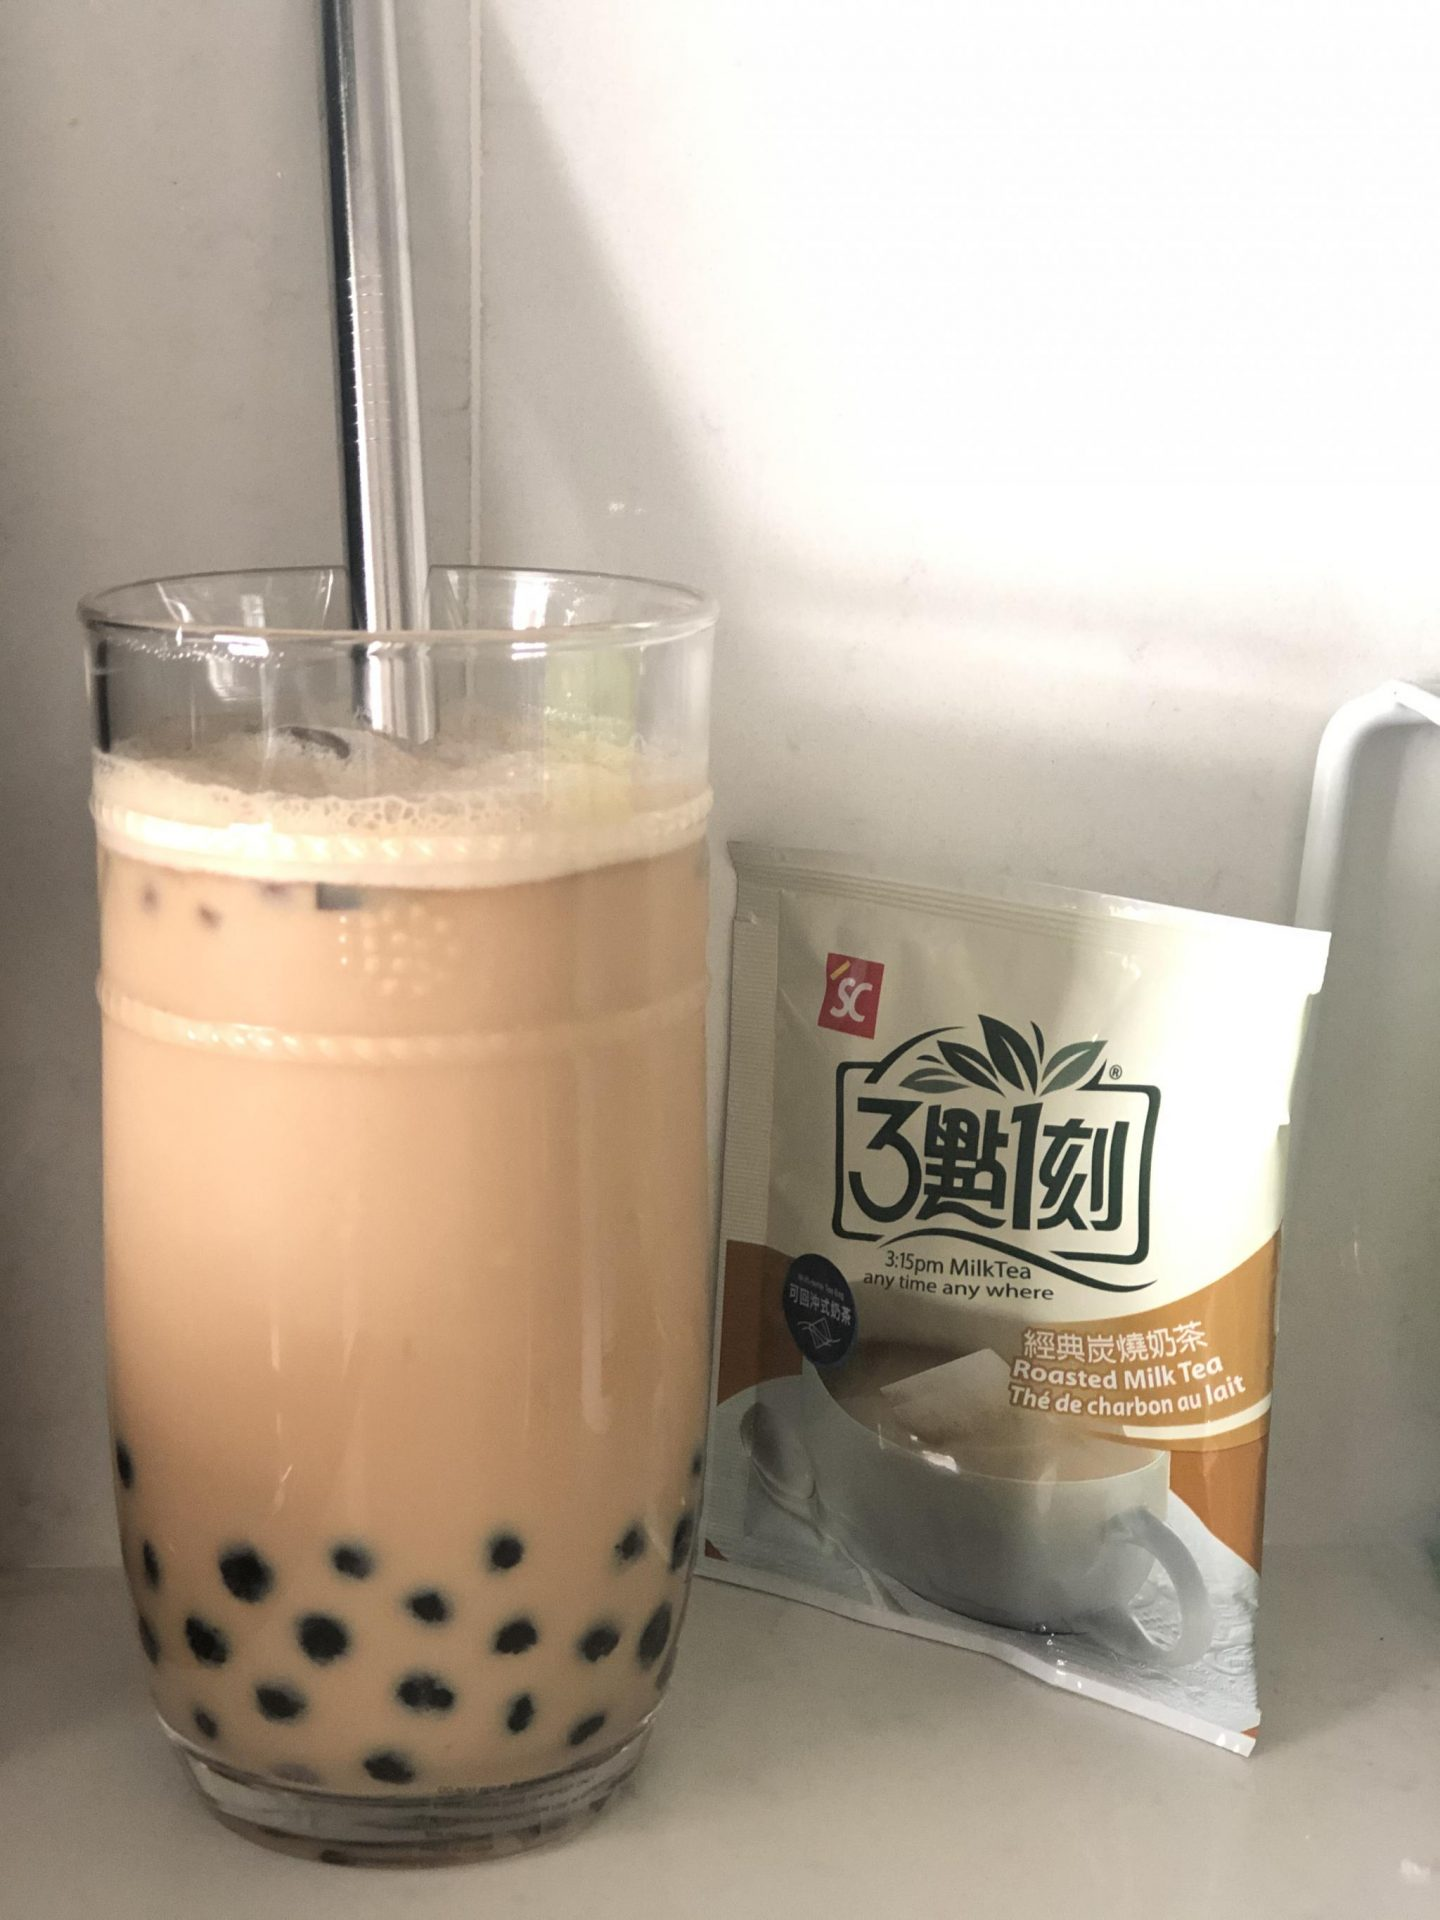 3:15 Roasted Milk Tea